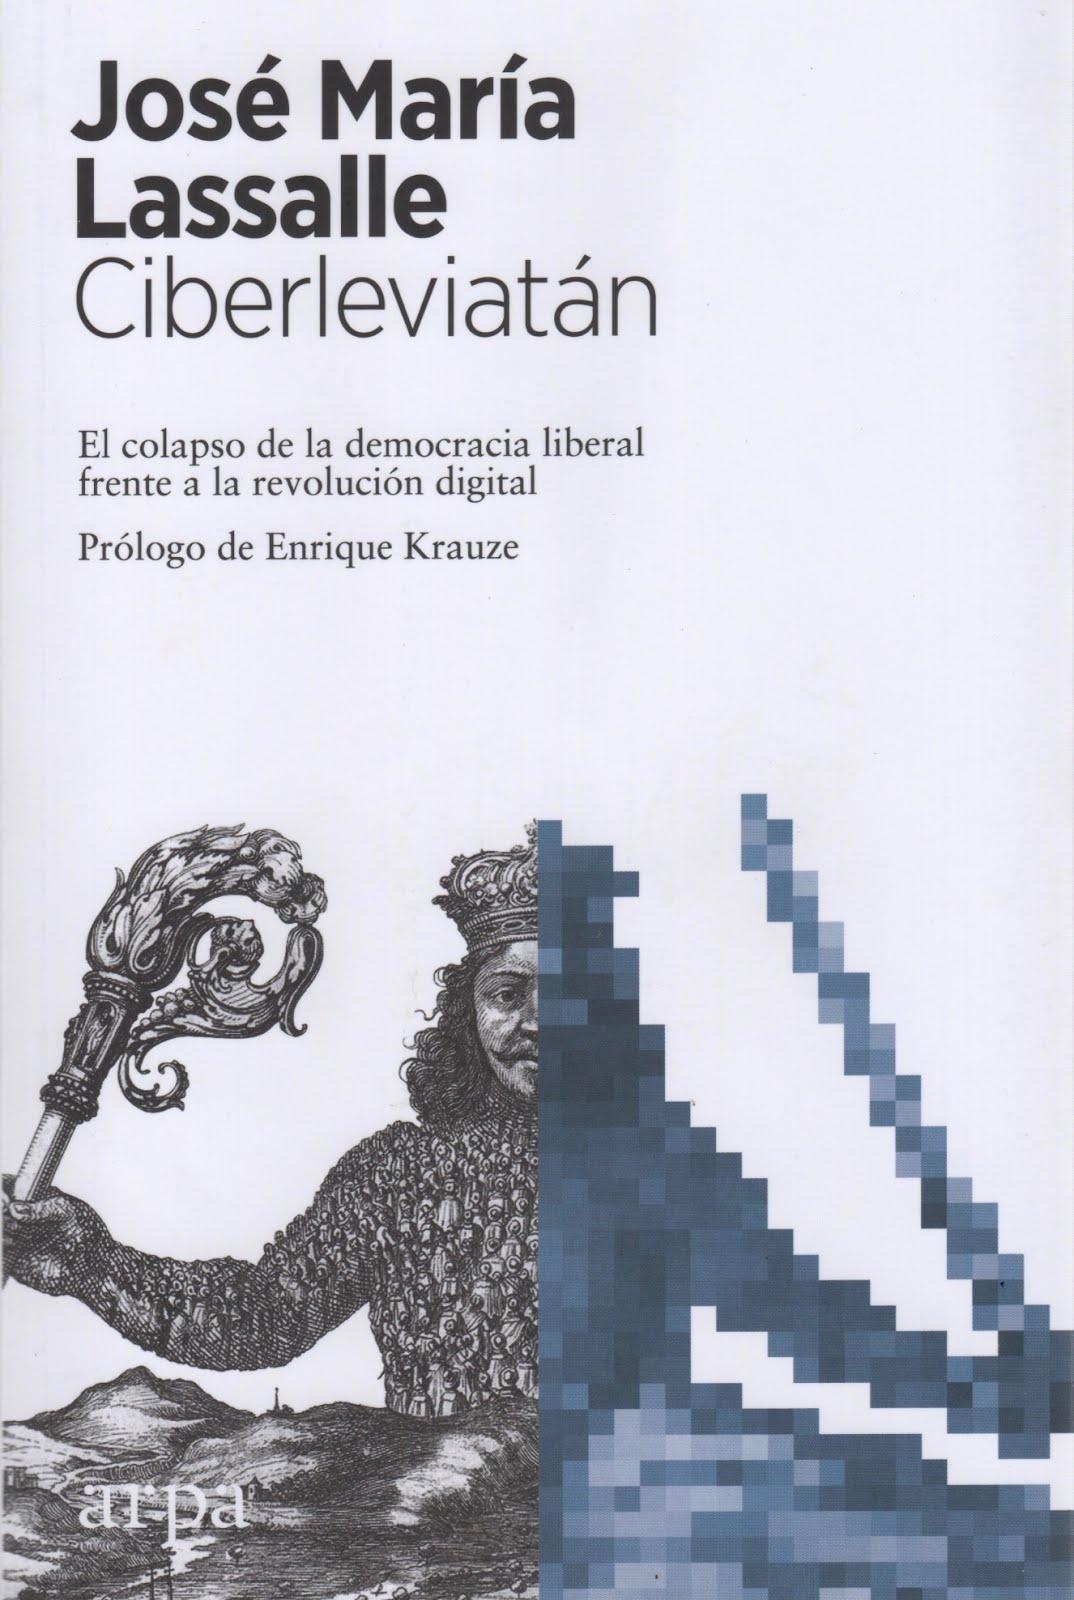 José María Lassalle (Ciberleviatán) El colapso de la democracia liberal frente a la revolución...